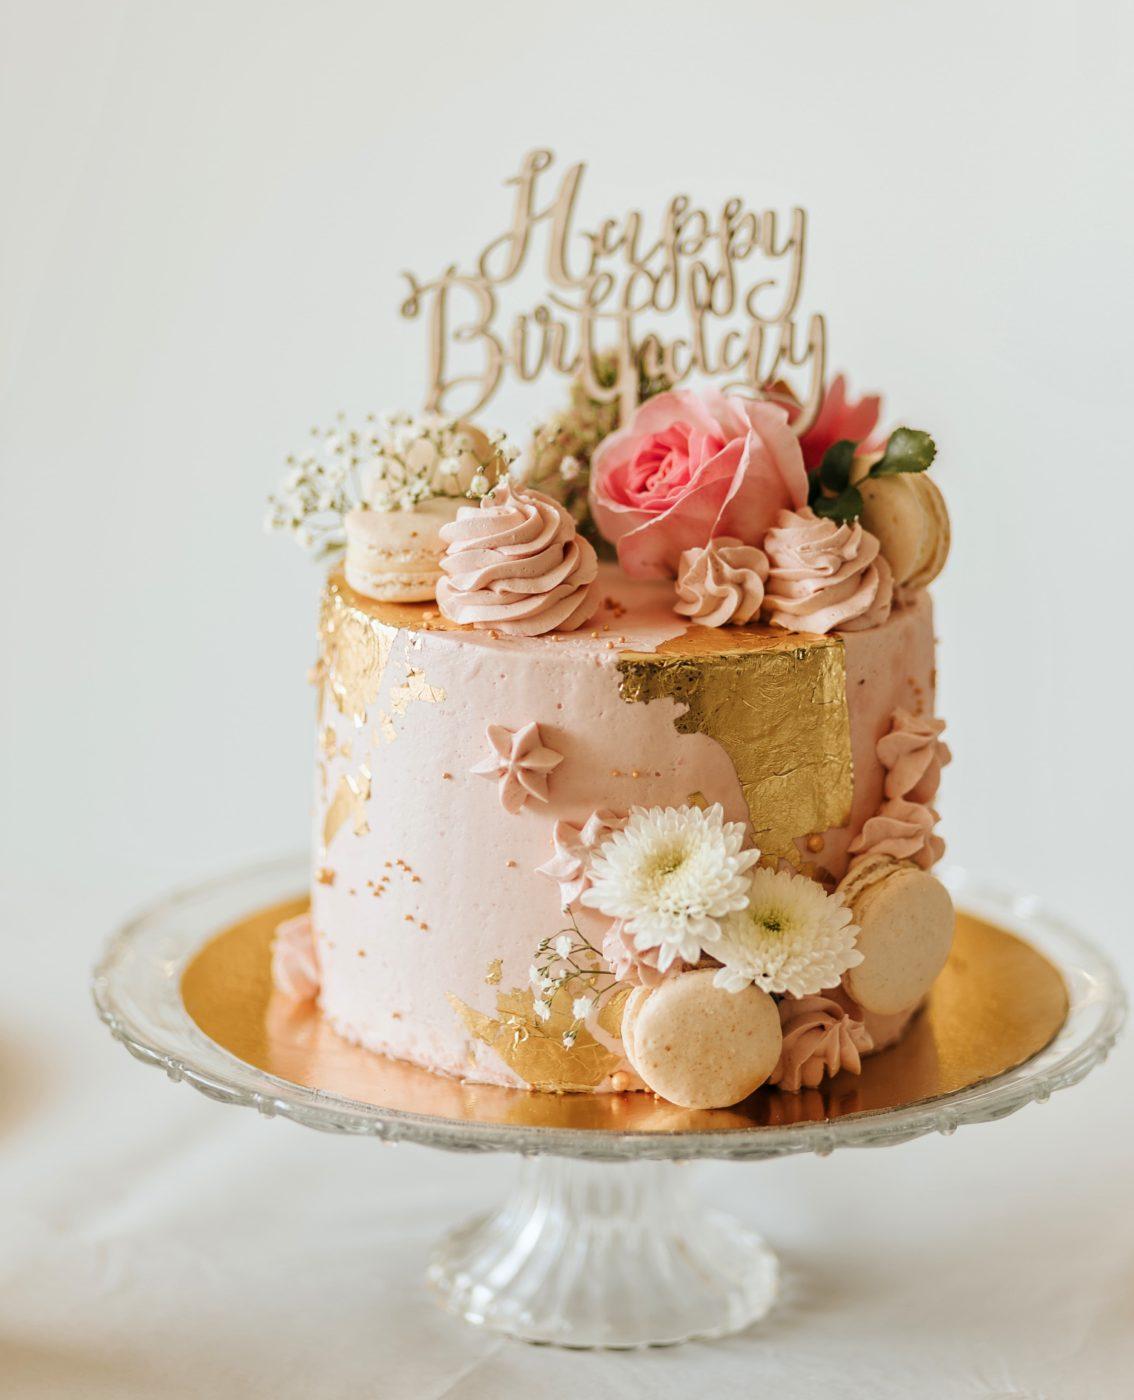 Le gâteau d'anniversaire de mes rêves. - Chronique Bordelaise